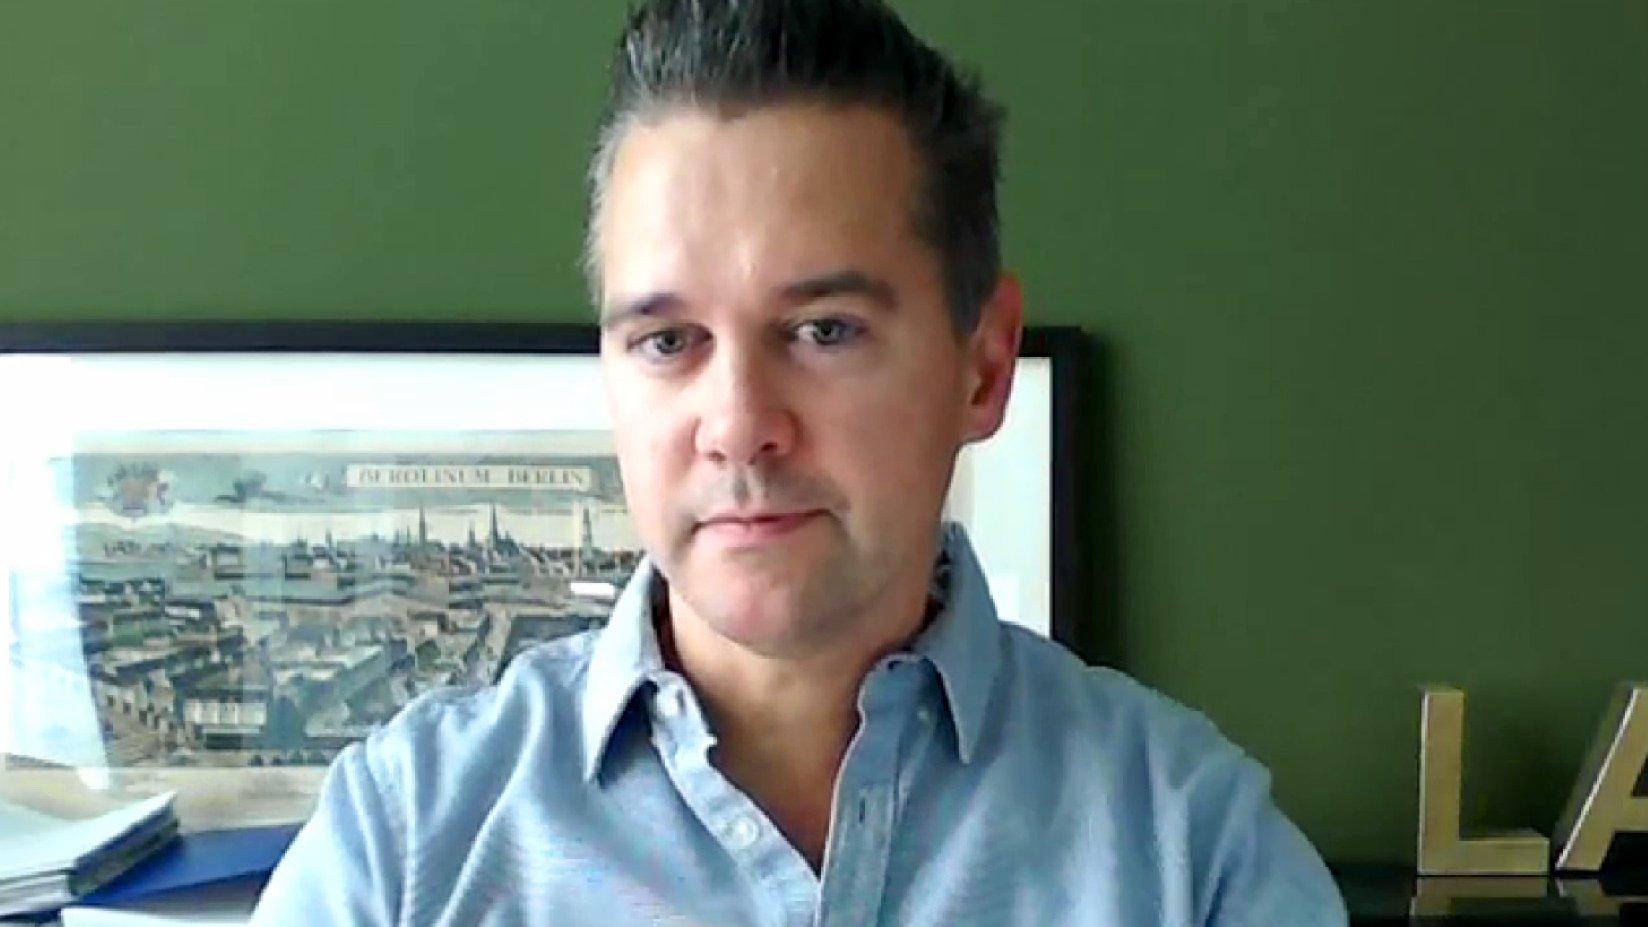 Journalismus-Professor Stephan Weichert zum DFB-Skandal, 2015.